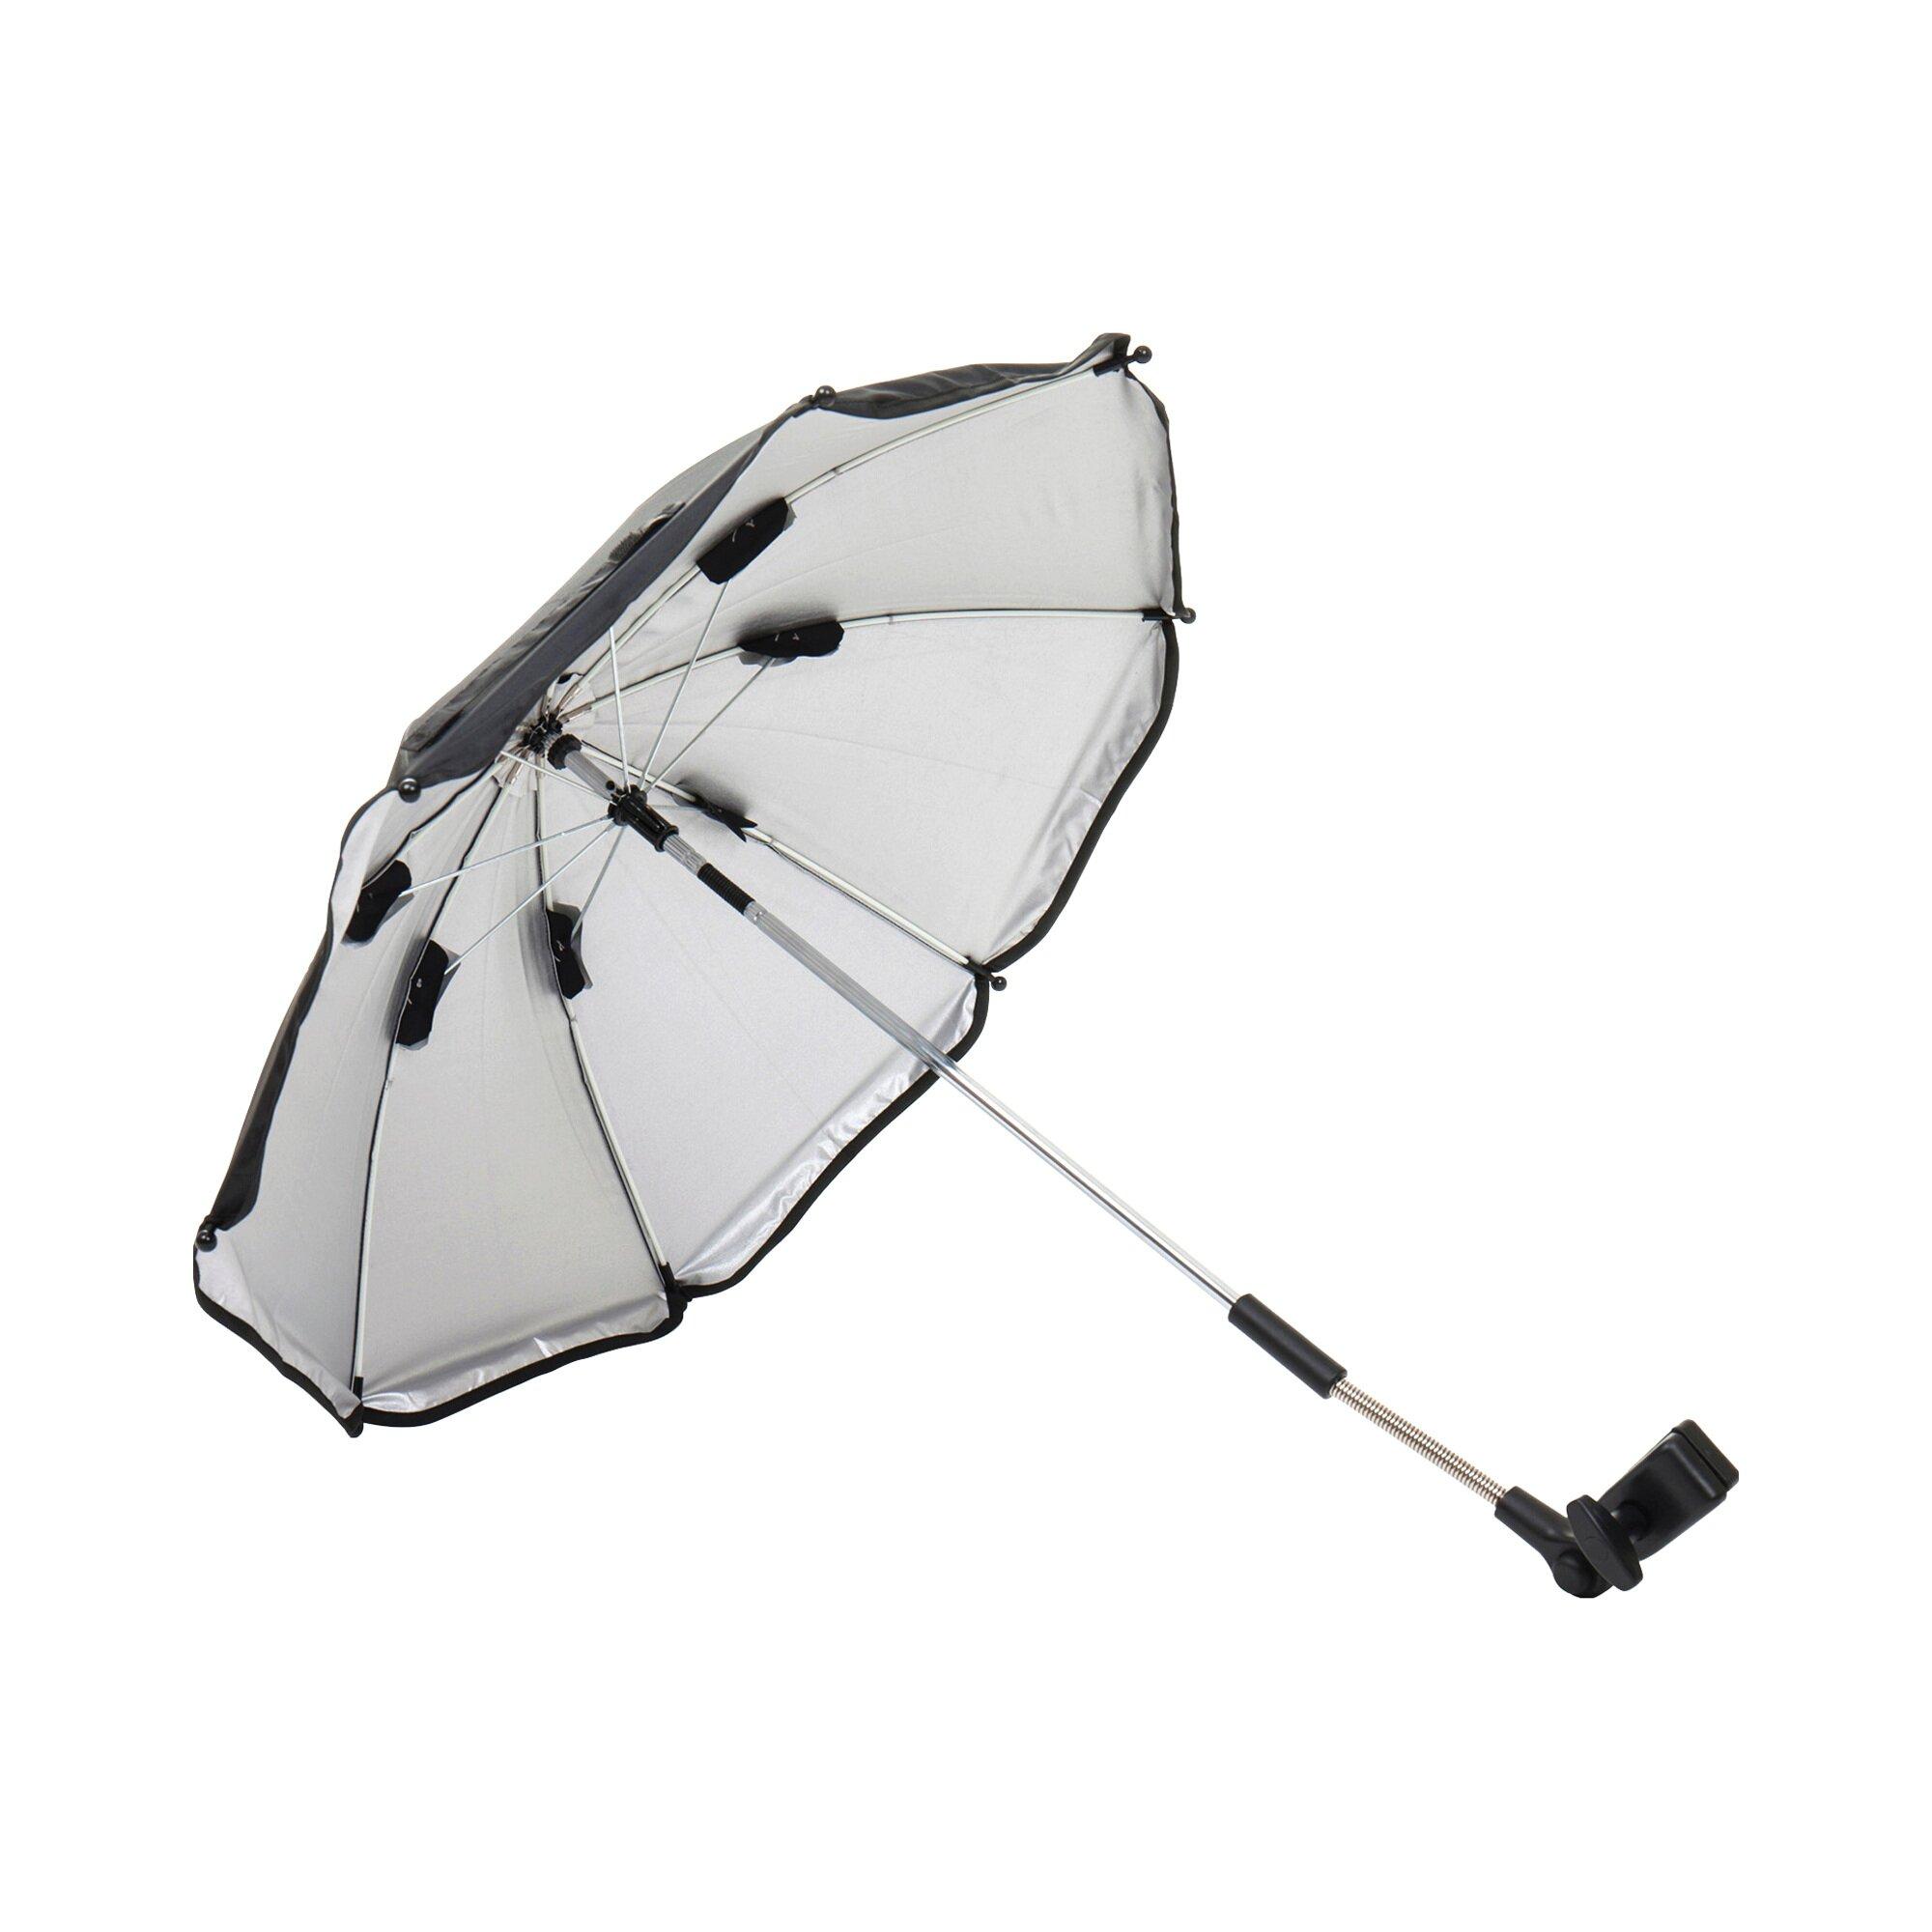 babycab-universal-sonnenschirm-mit-uv-schutz-schwarz